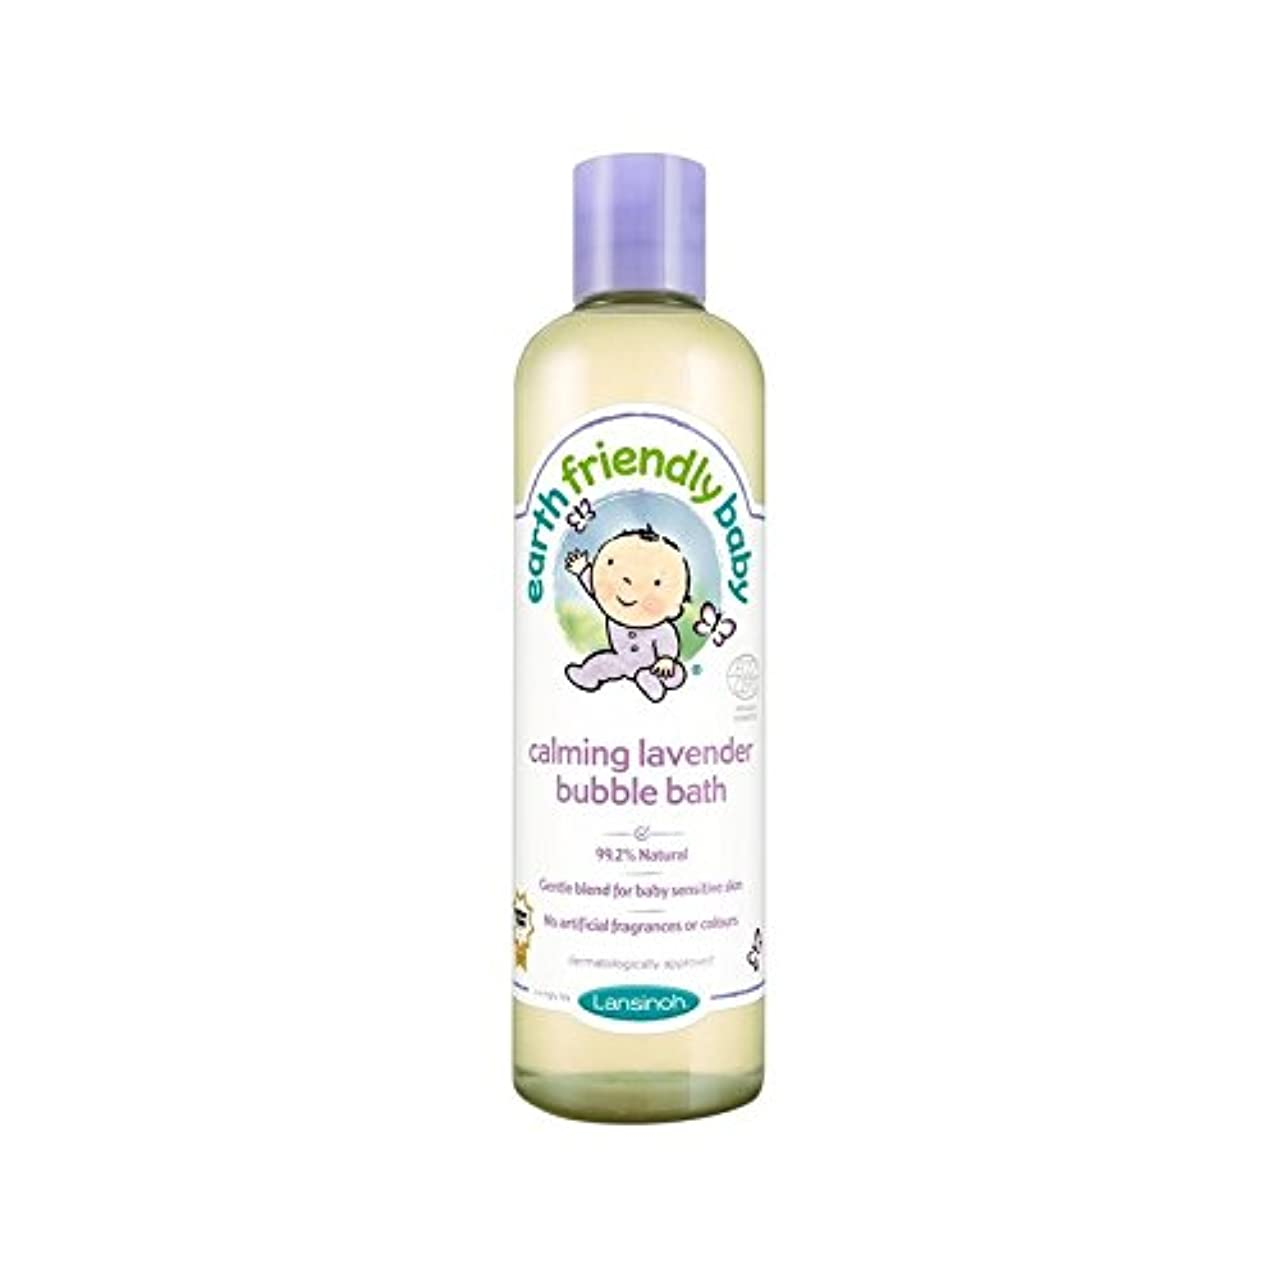 であること受粉する精緻化赤ちゃん沈静ラベンダー泡風呂のエコサートの300ミリリットル (Earth Friendly) (x 2) - Earth Friendly Baby Calming Lavender Bubble Bath ECOCERT...